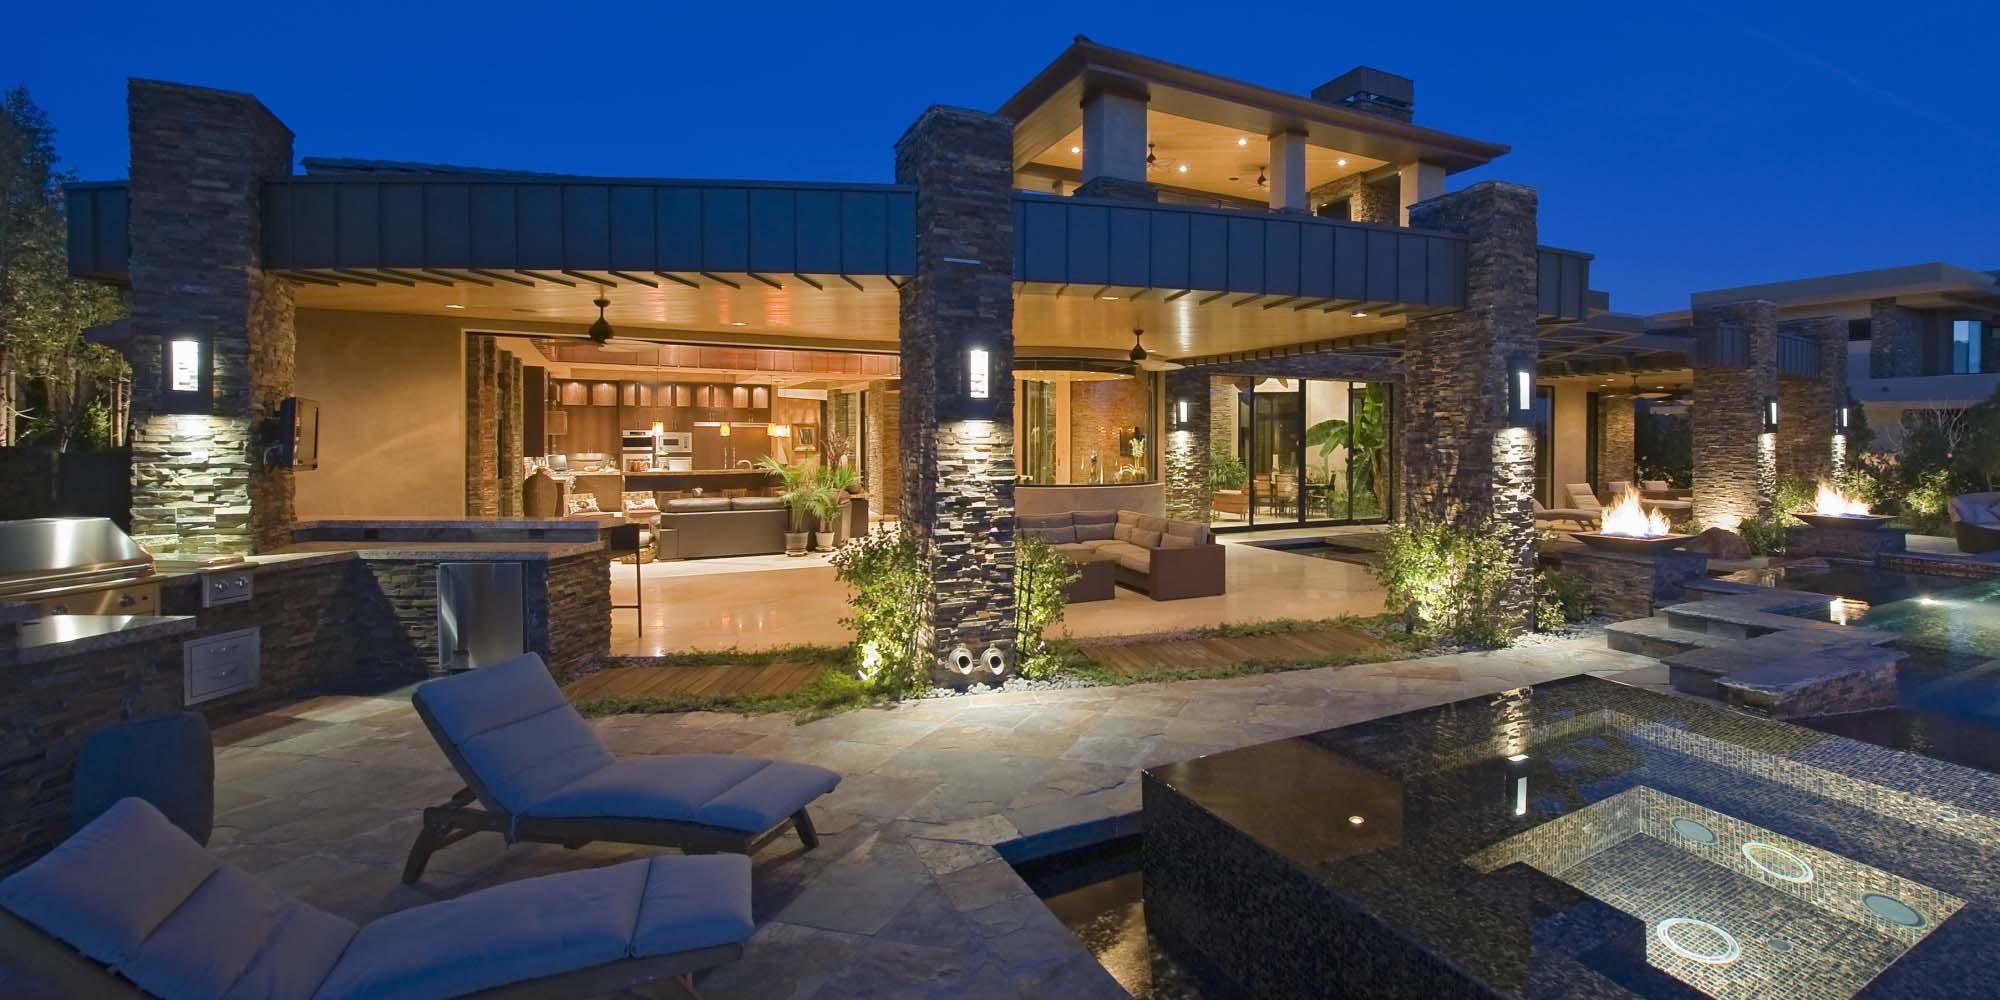 modern home design indoor outdoor living - Gambrick